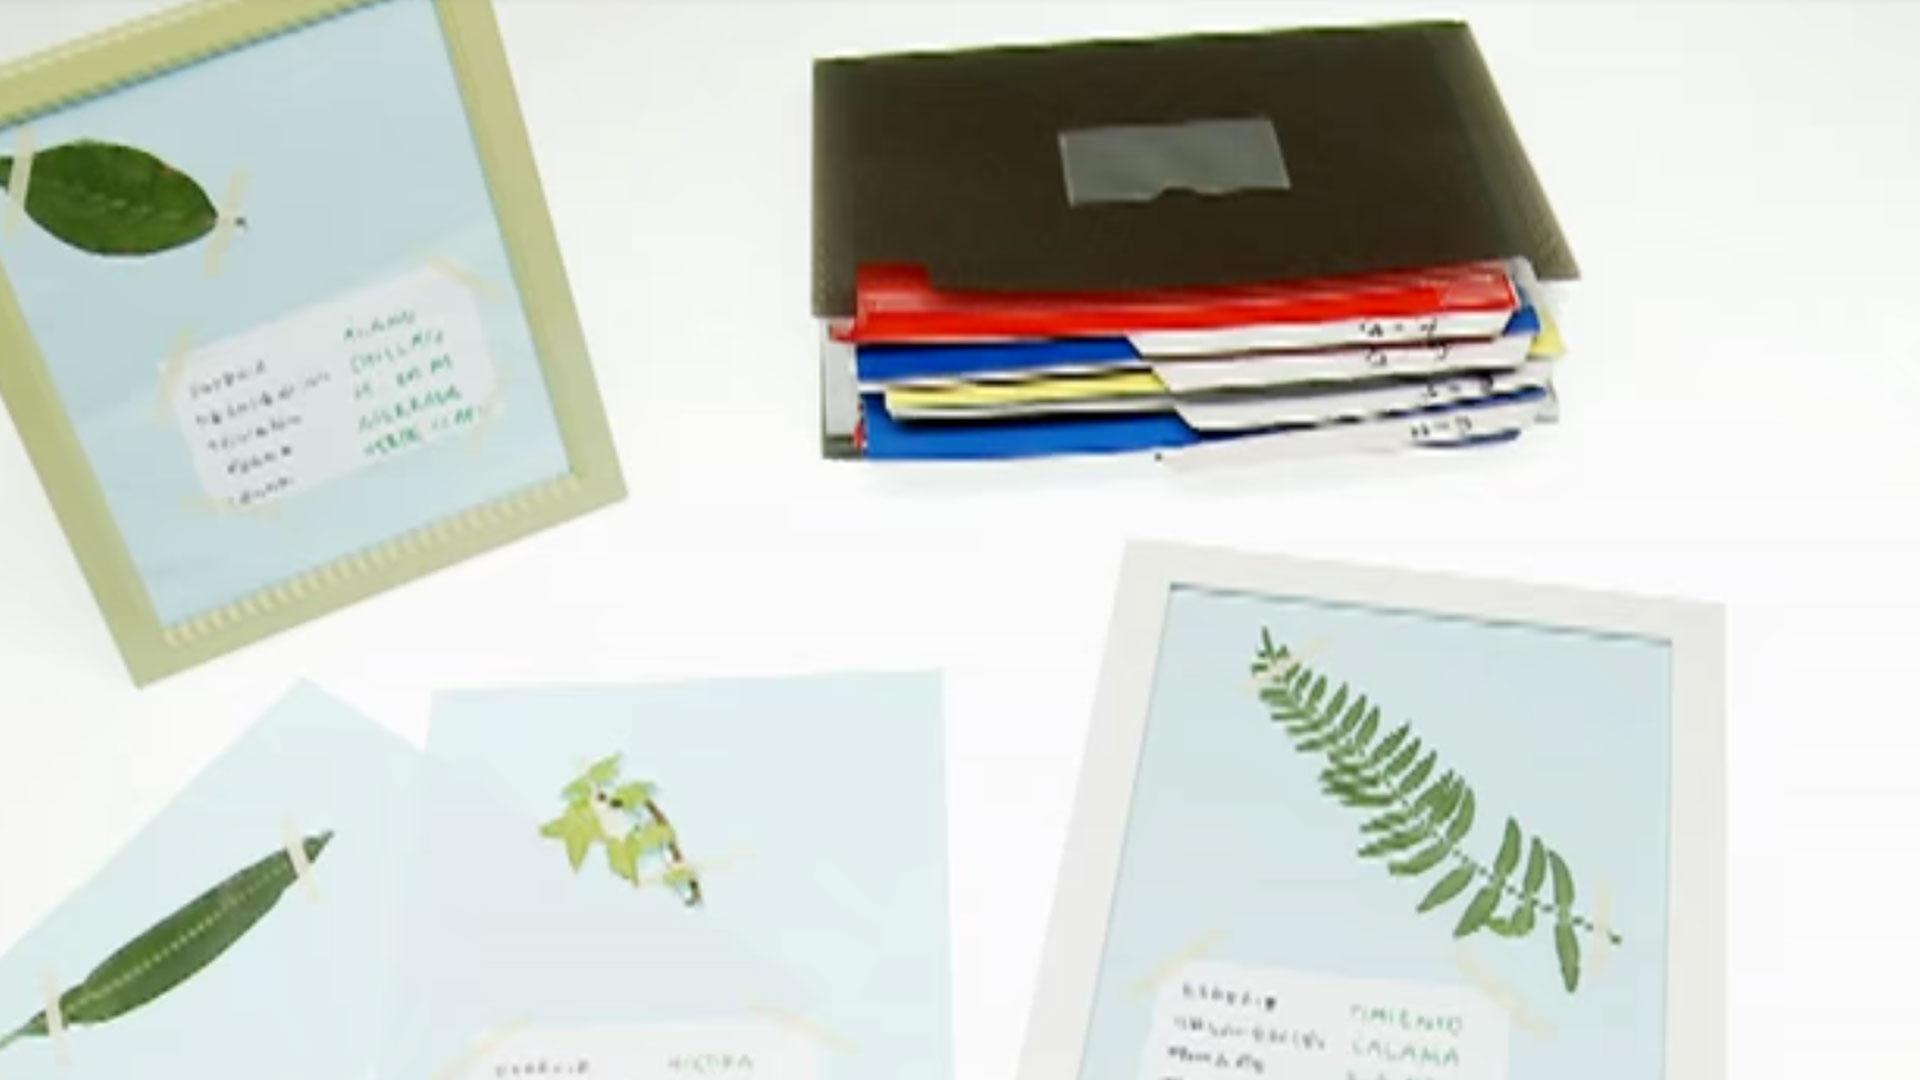 Para aprender de la naturaleza nada mejor que hacer un herbario, una colección de plantas o partes de ella, con hojas que podemos recolectar de árboles u otras especies que nos gusten. Un herbario es una colección de plantas o partes de plantas, secadas, conservadas, e identificadas.